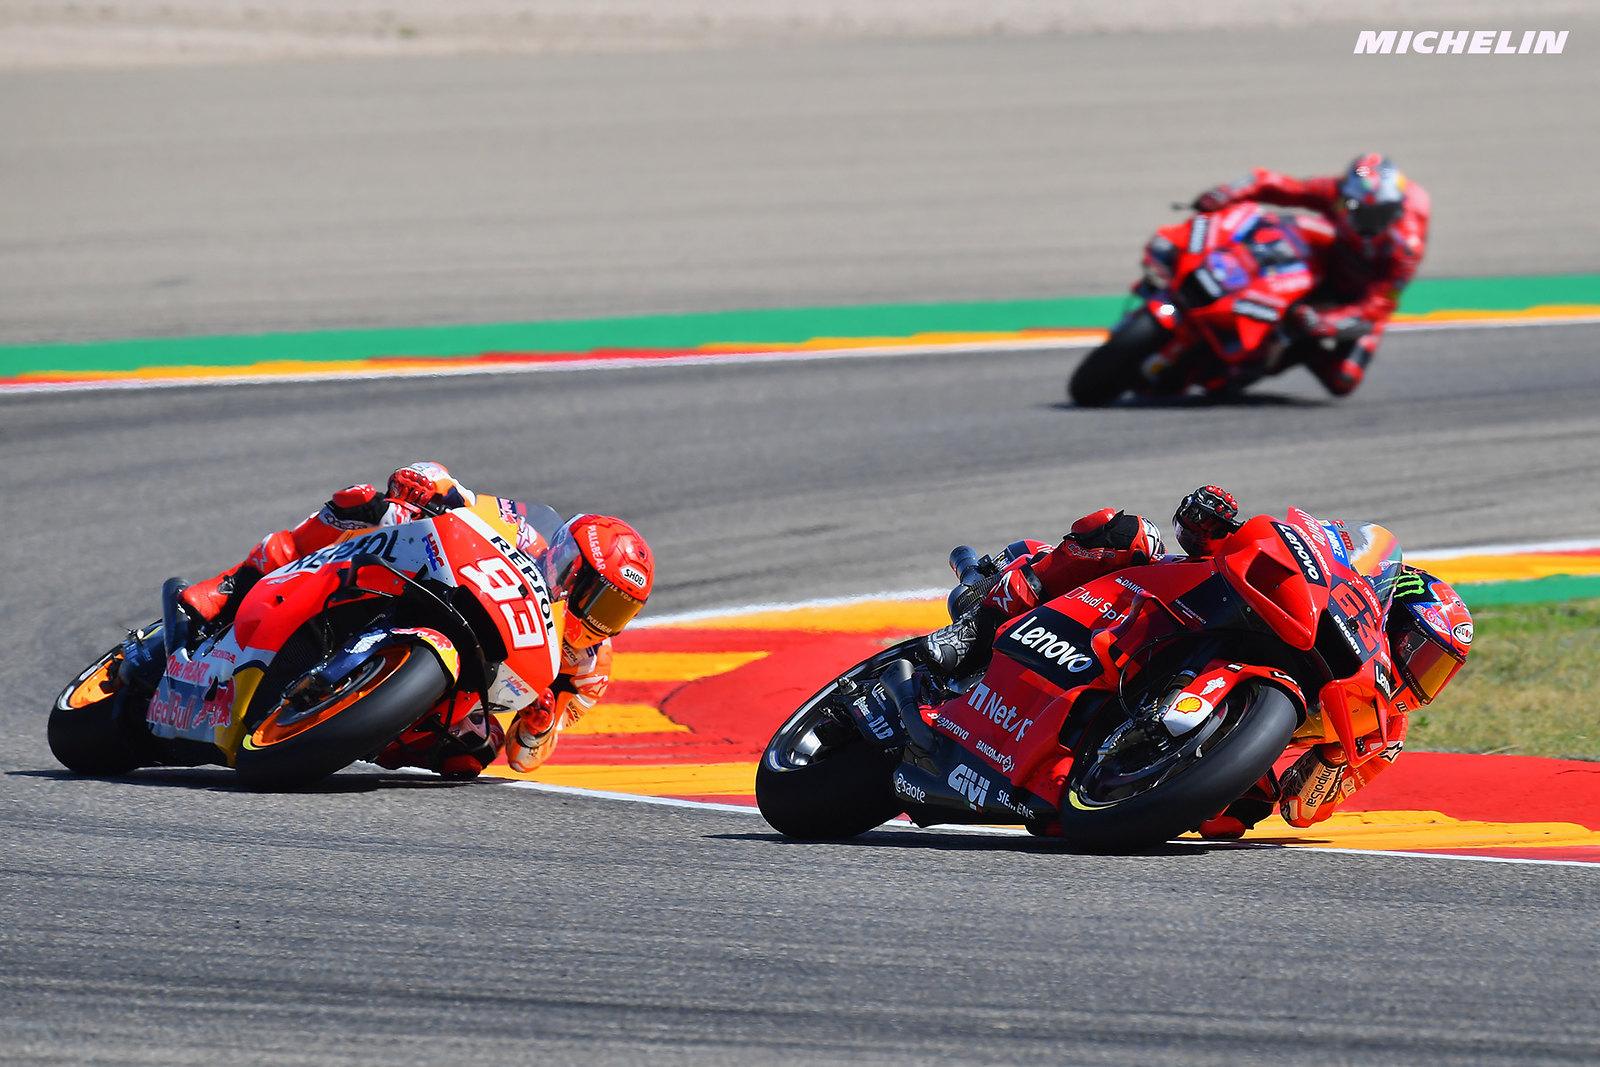 MotoGP2021アラゴンGP 優勝フランチェスコ・バニャイア「バレが明日はペッコの日になると言ってくれた」